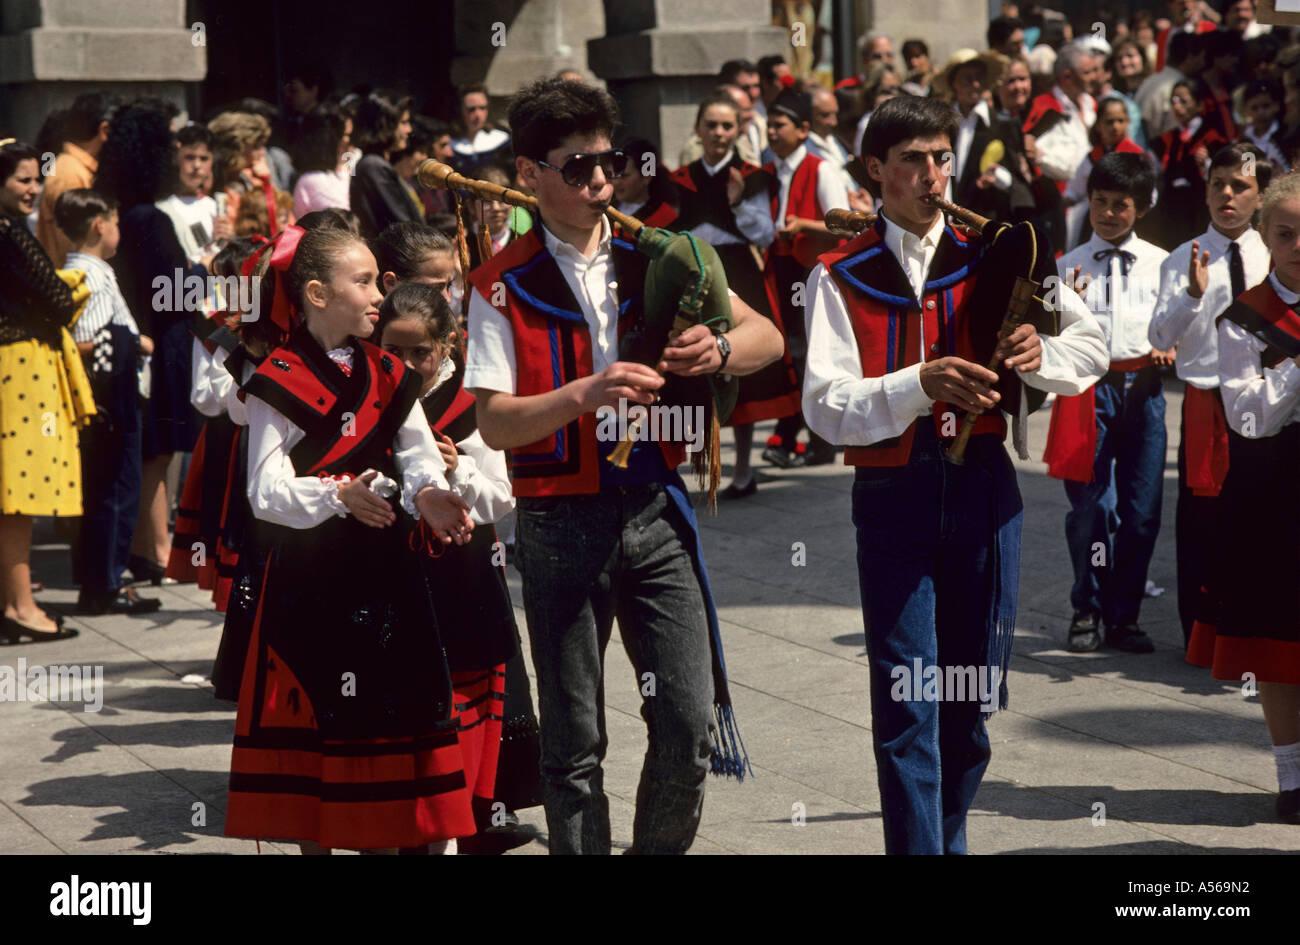 Fiesta in Lugo Galizia Spagna Immagini Stock